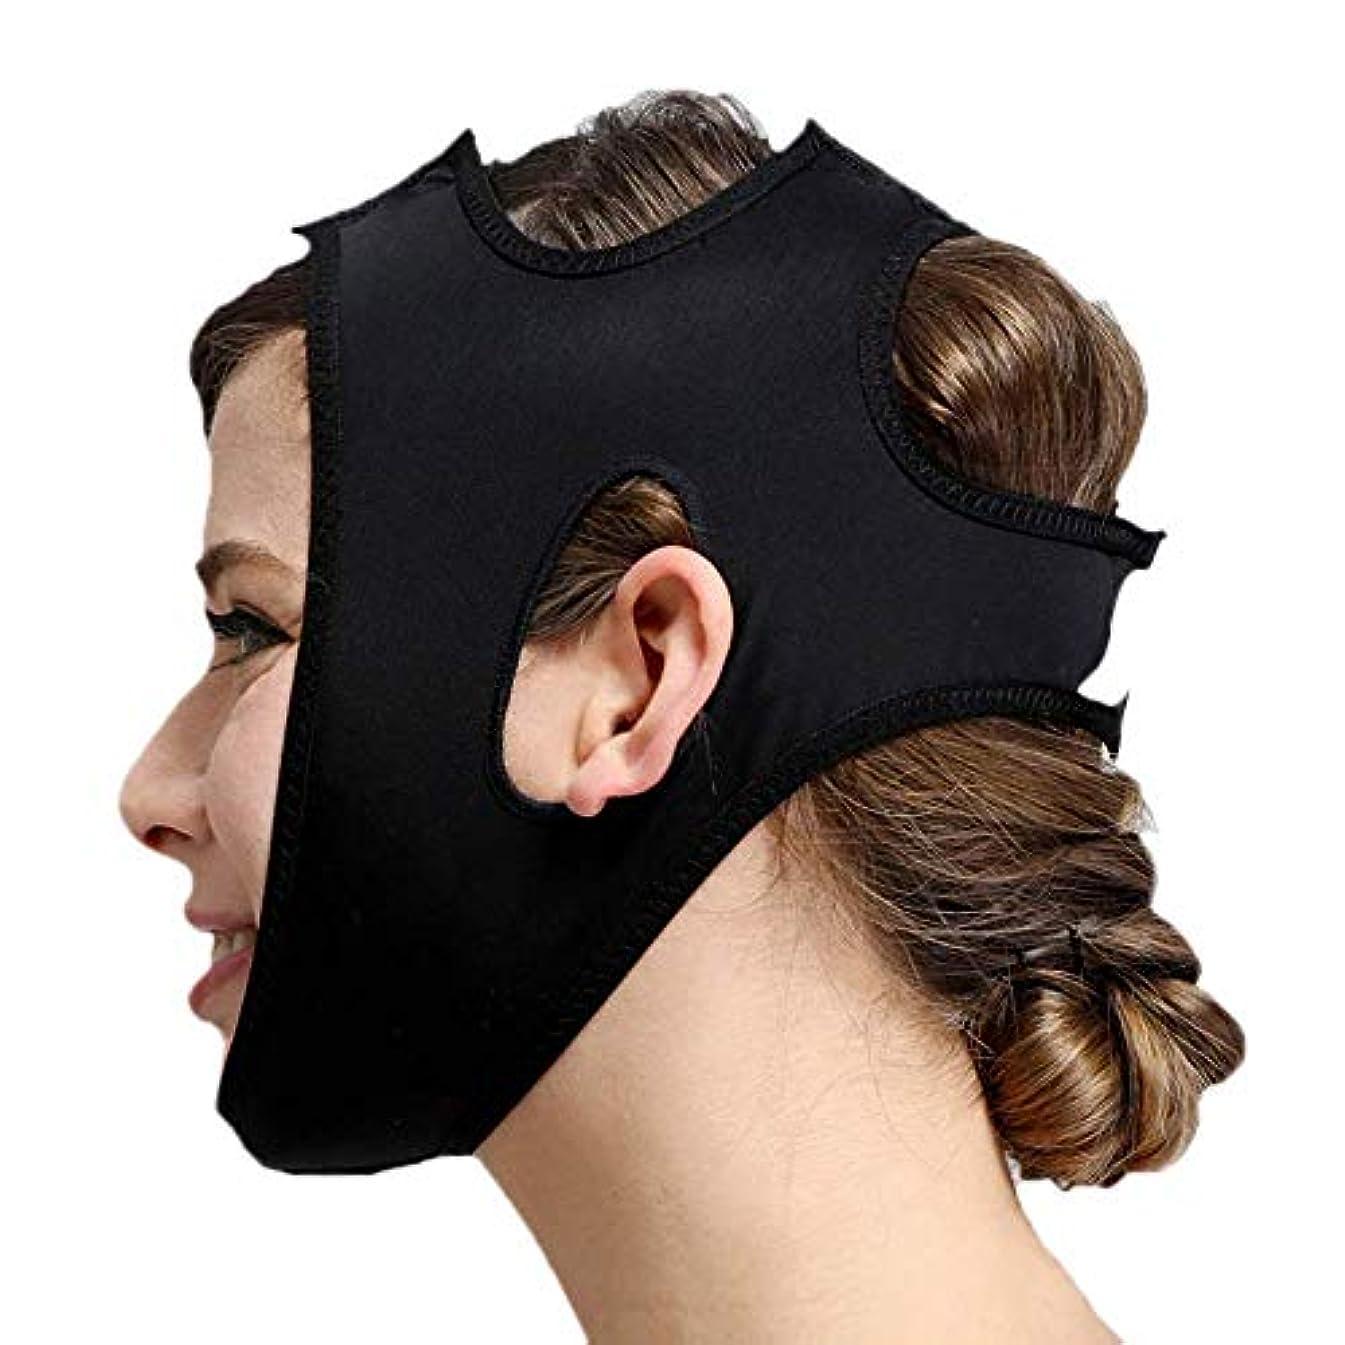 単語悪夢メンタリティフェイススリミングマスク、快適さと通気性、フェイシャルリフティング、輪郭の改善された硬さ、ファーミングとリフティングフェイス(カラー:ブラック、サイズ:XL),黒、S